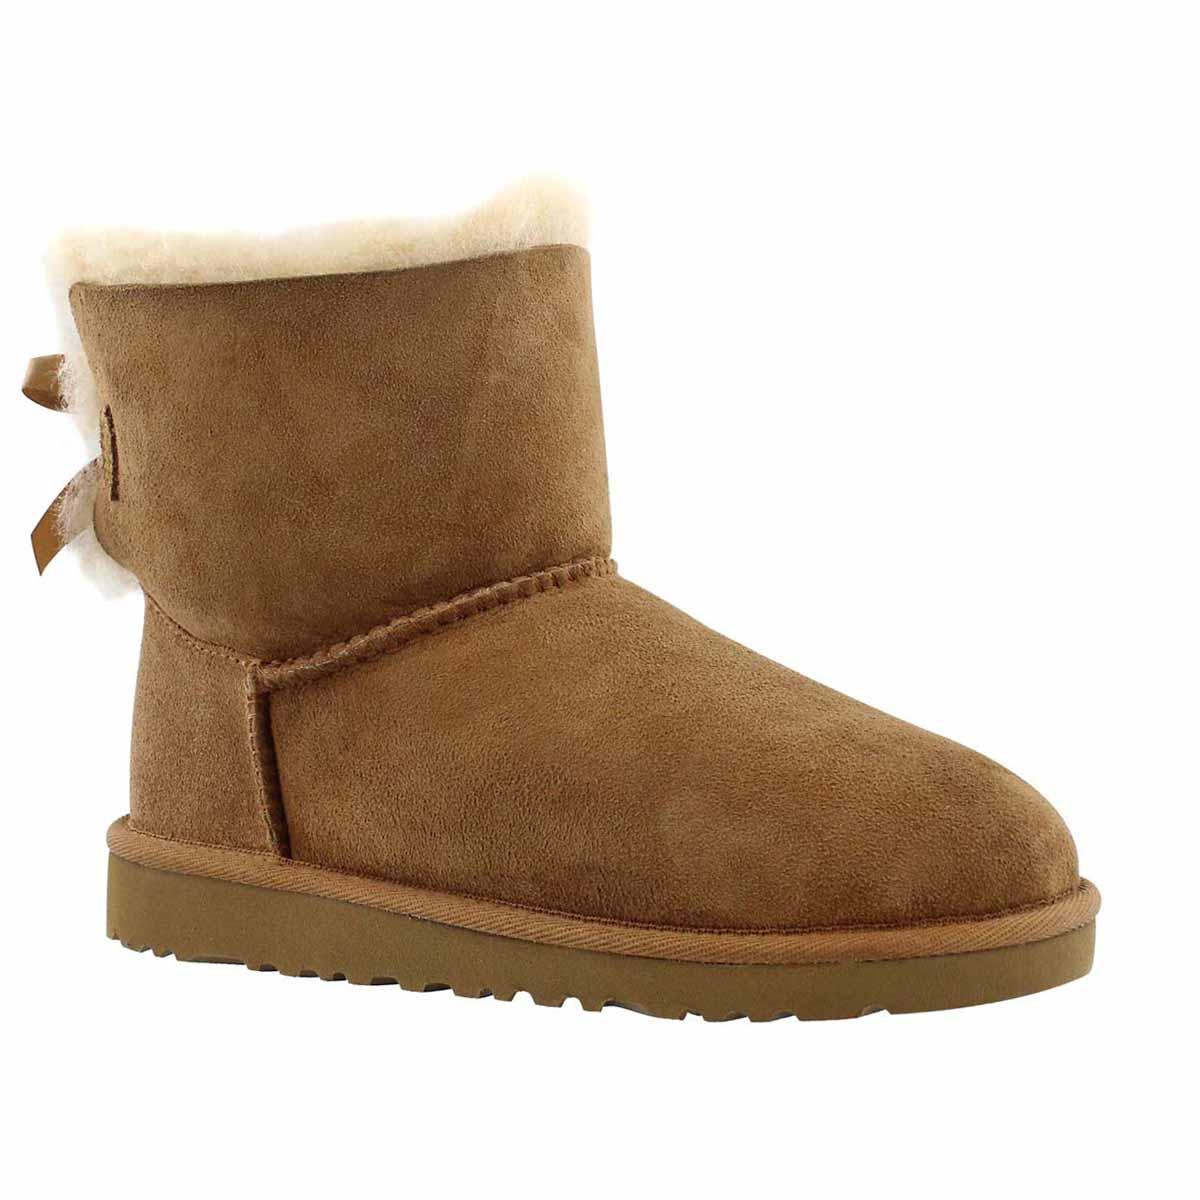 Girls' MINI BAILEY BOW chestnut sheepskin boots